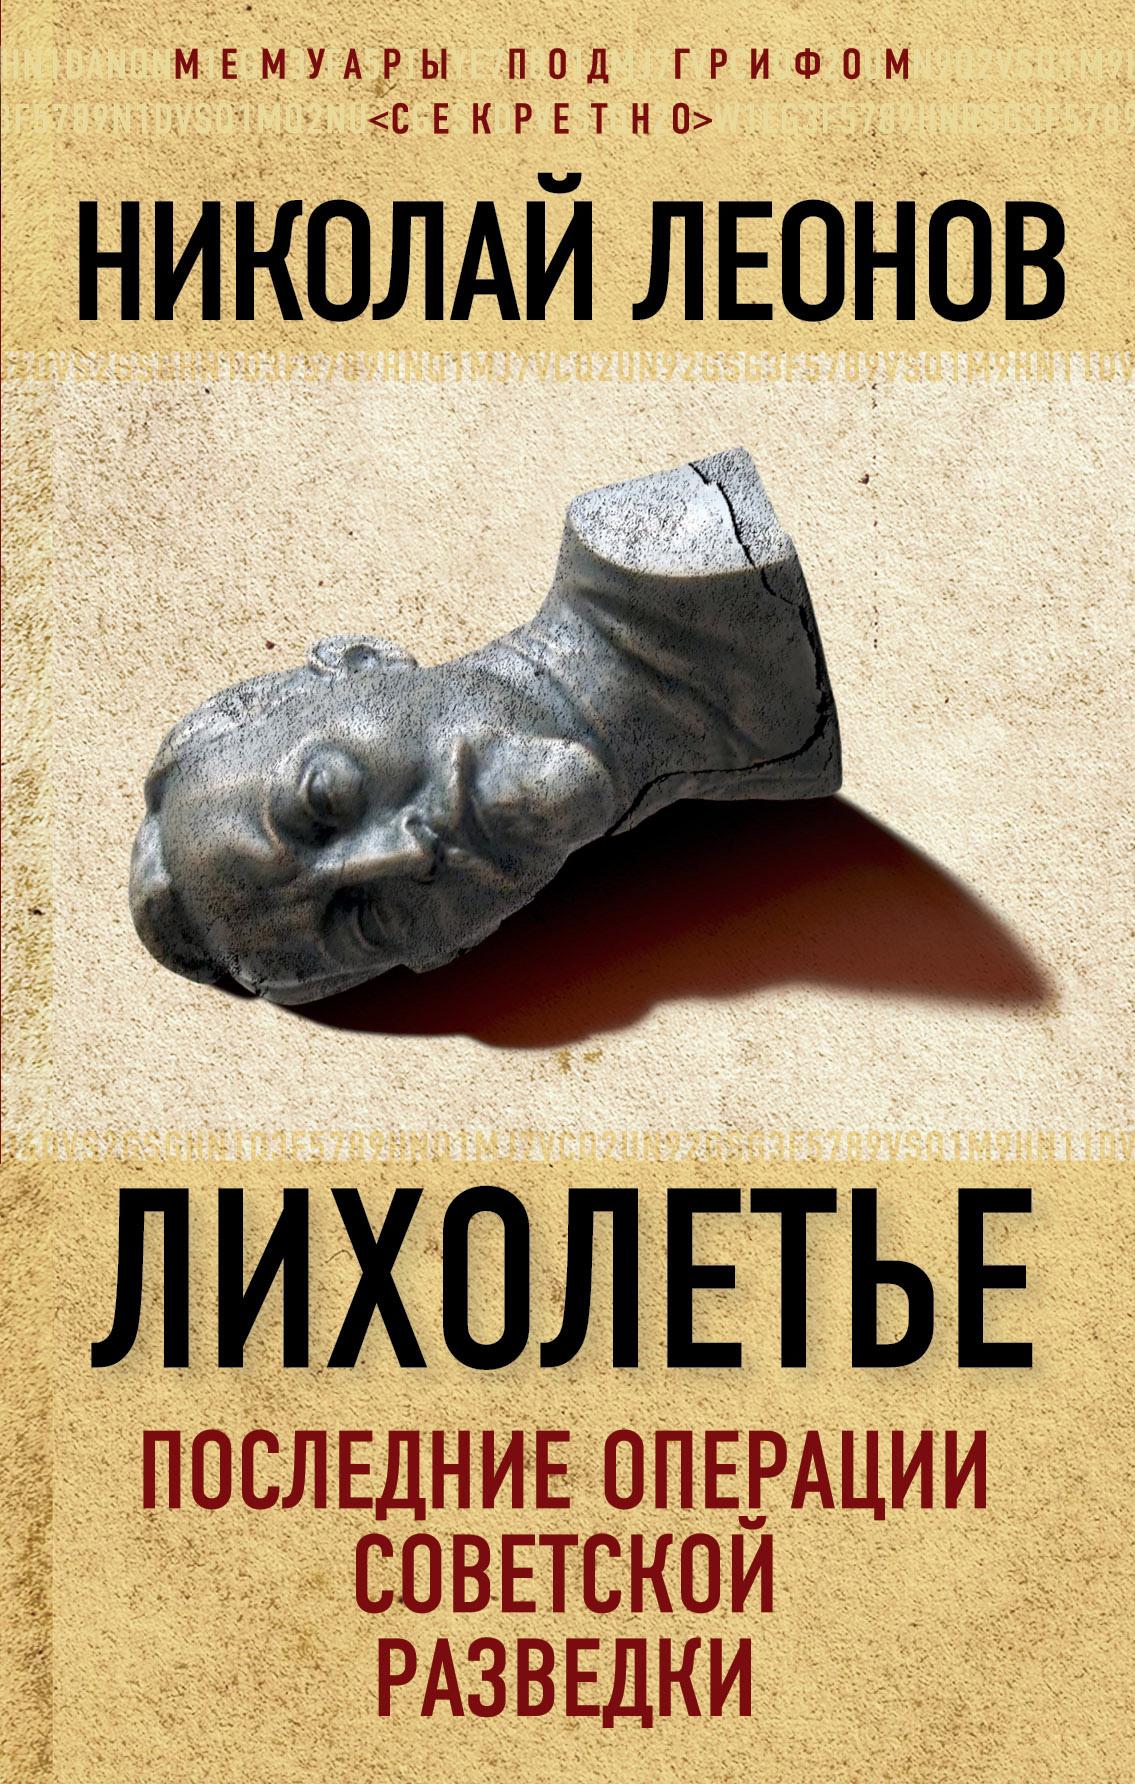 likholete poslednie operatsii sovetskoy razvedki